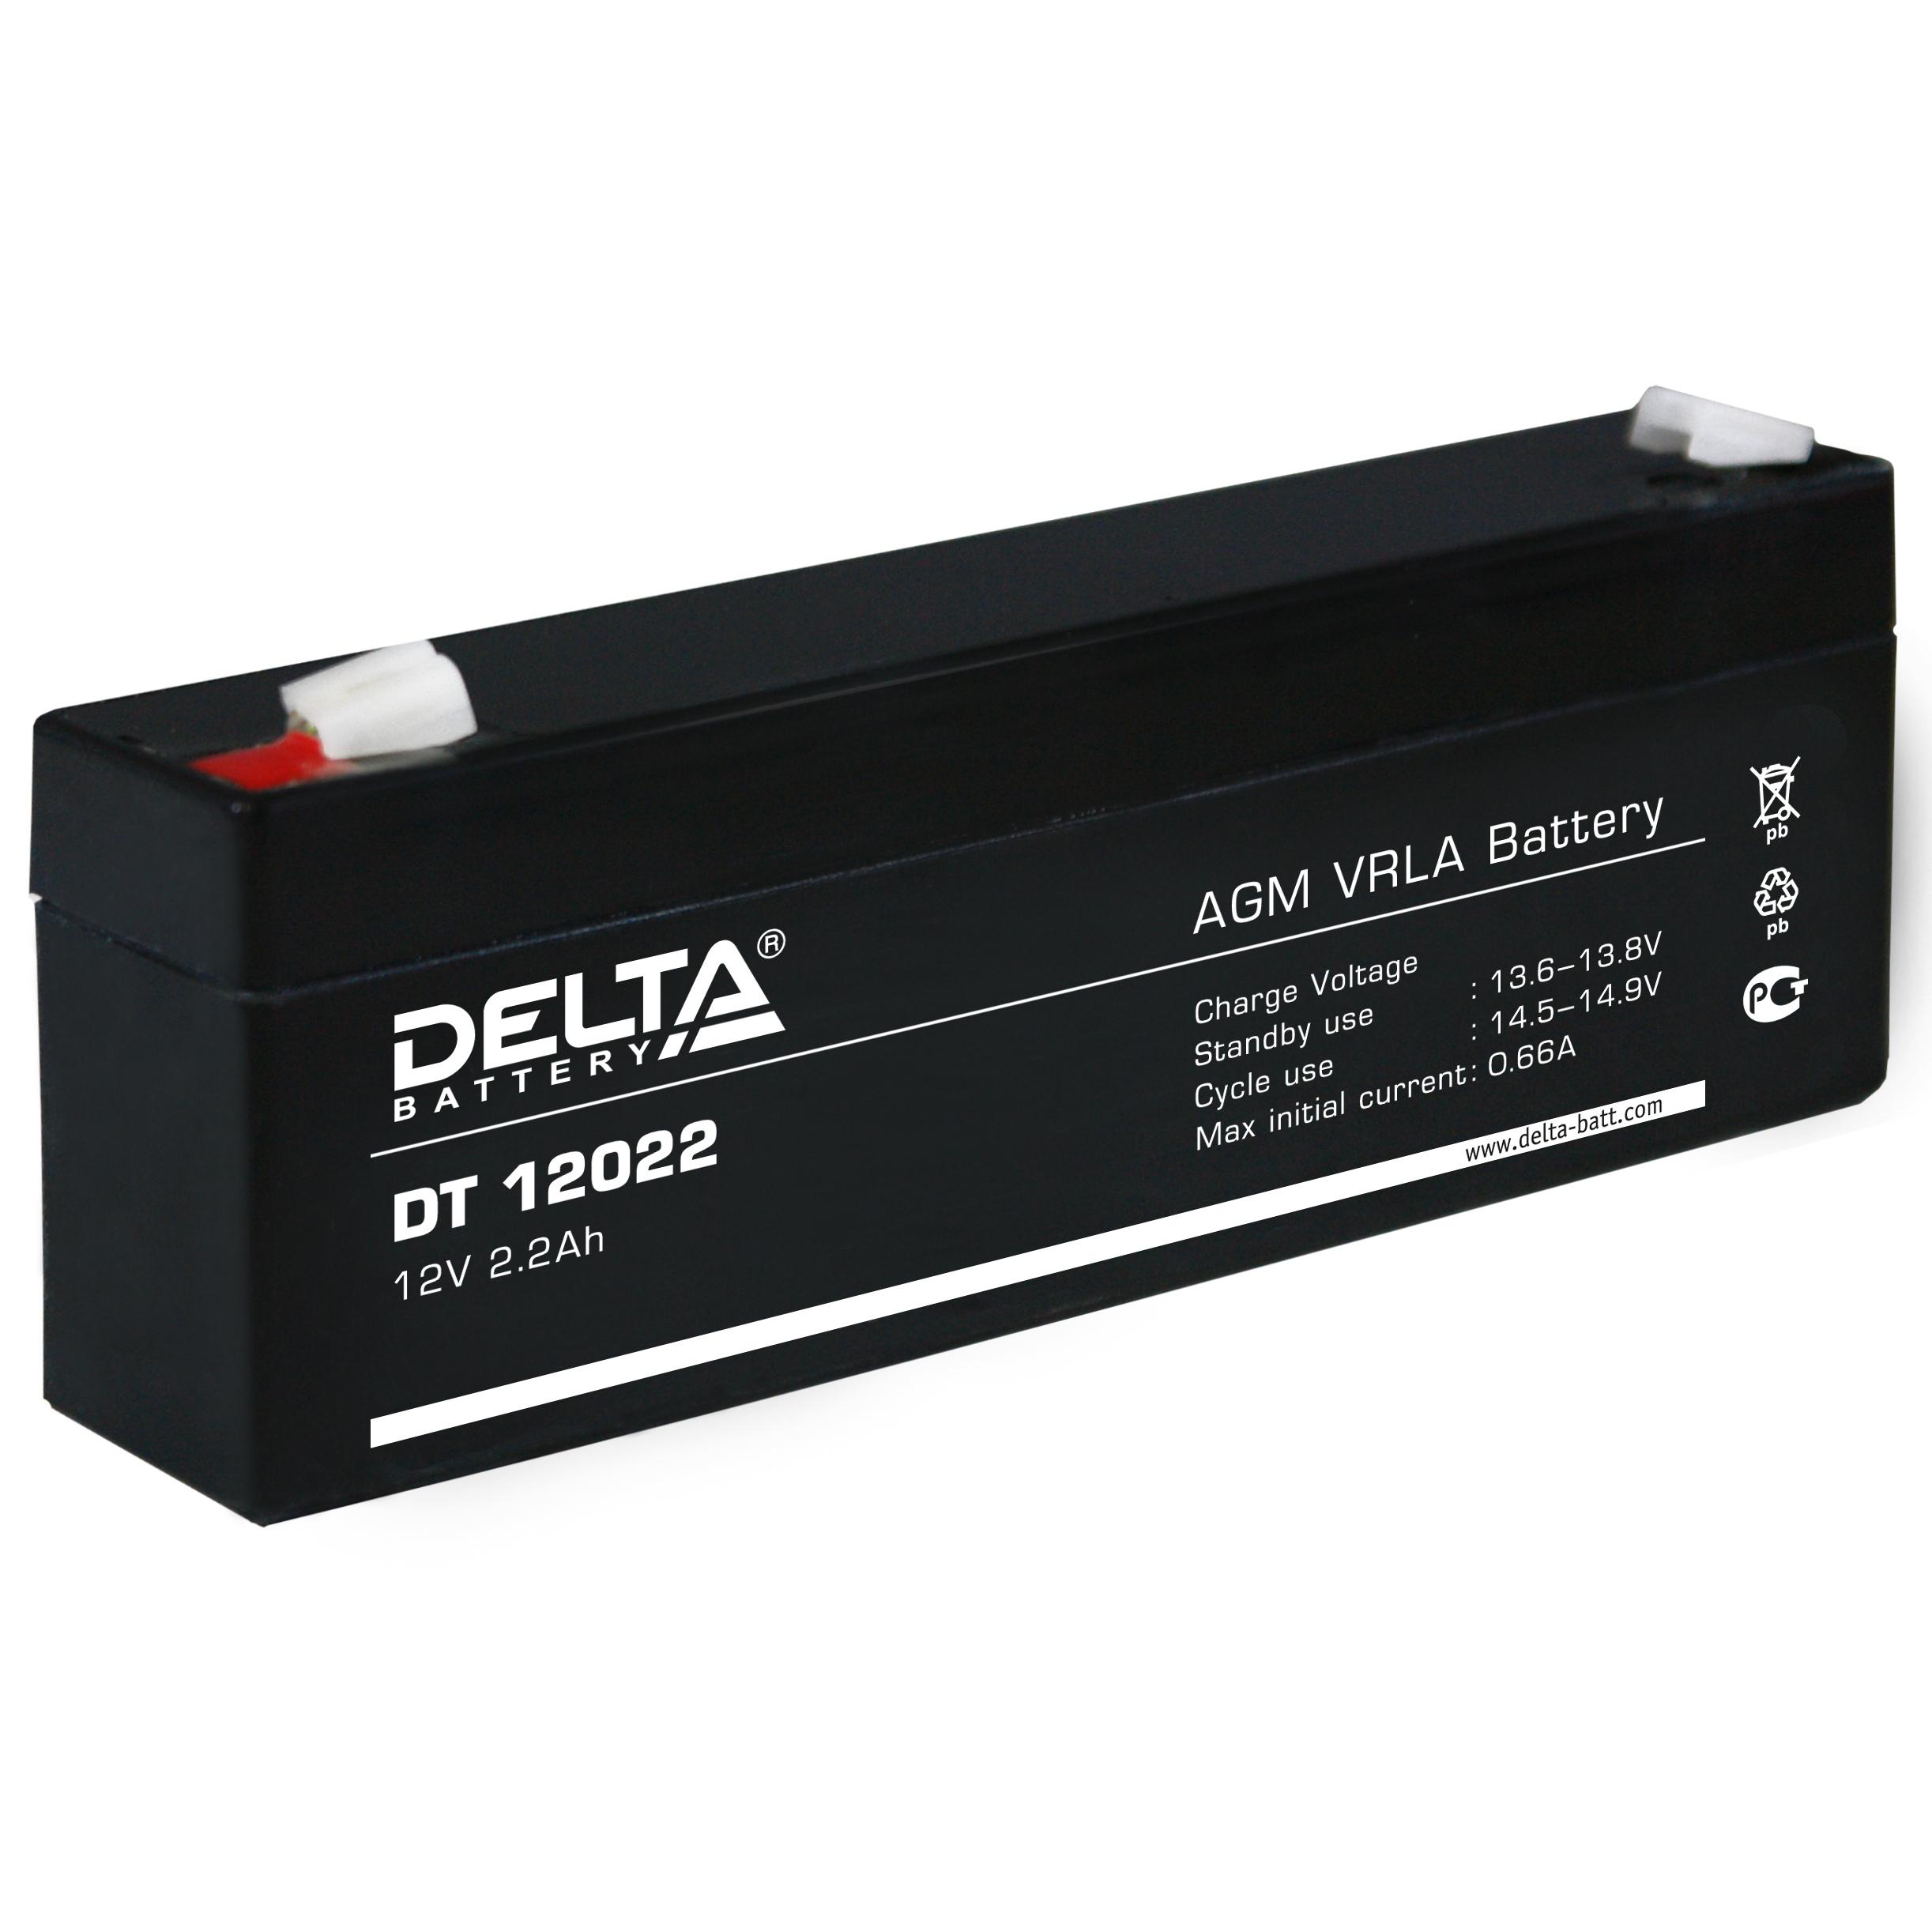 Аккумулятор свинцово-кислотный акб delta (дельта) dt 12022 1.